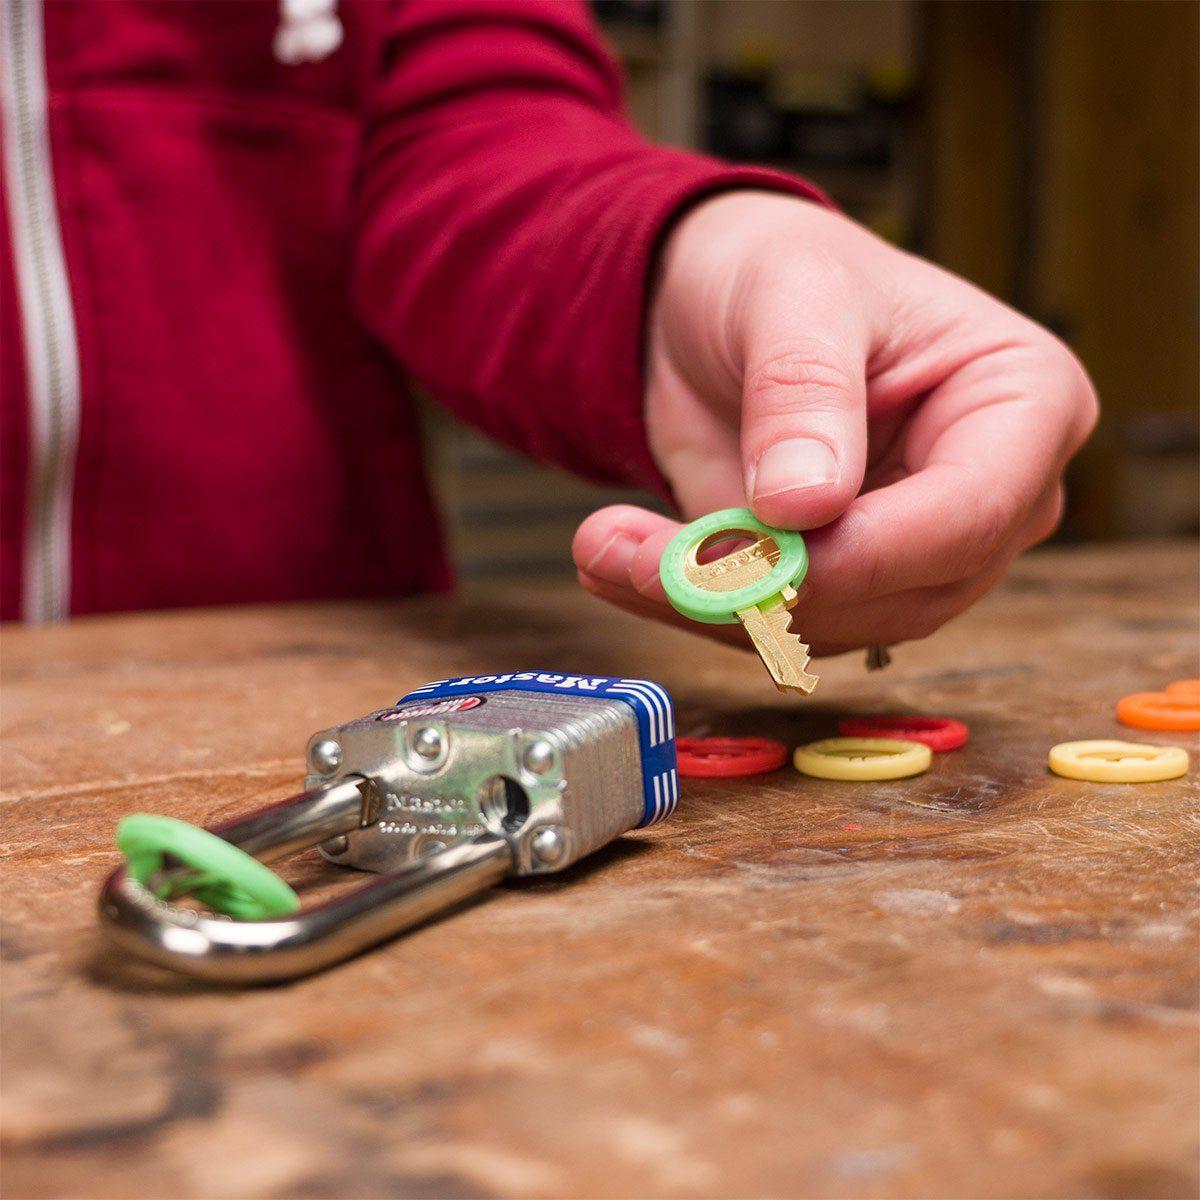 color-coding keys and padlocks